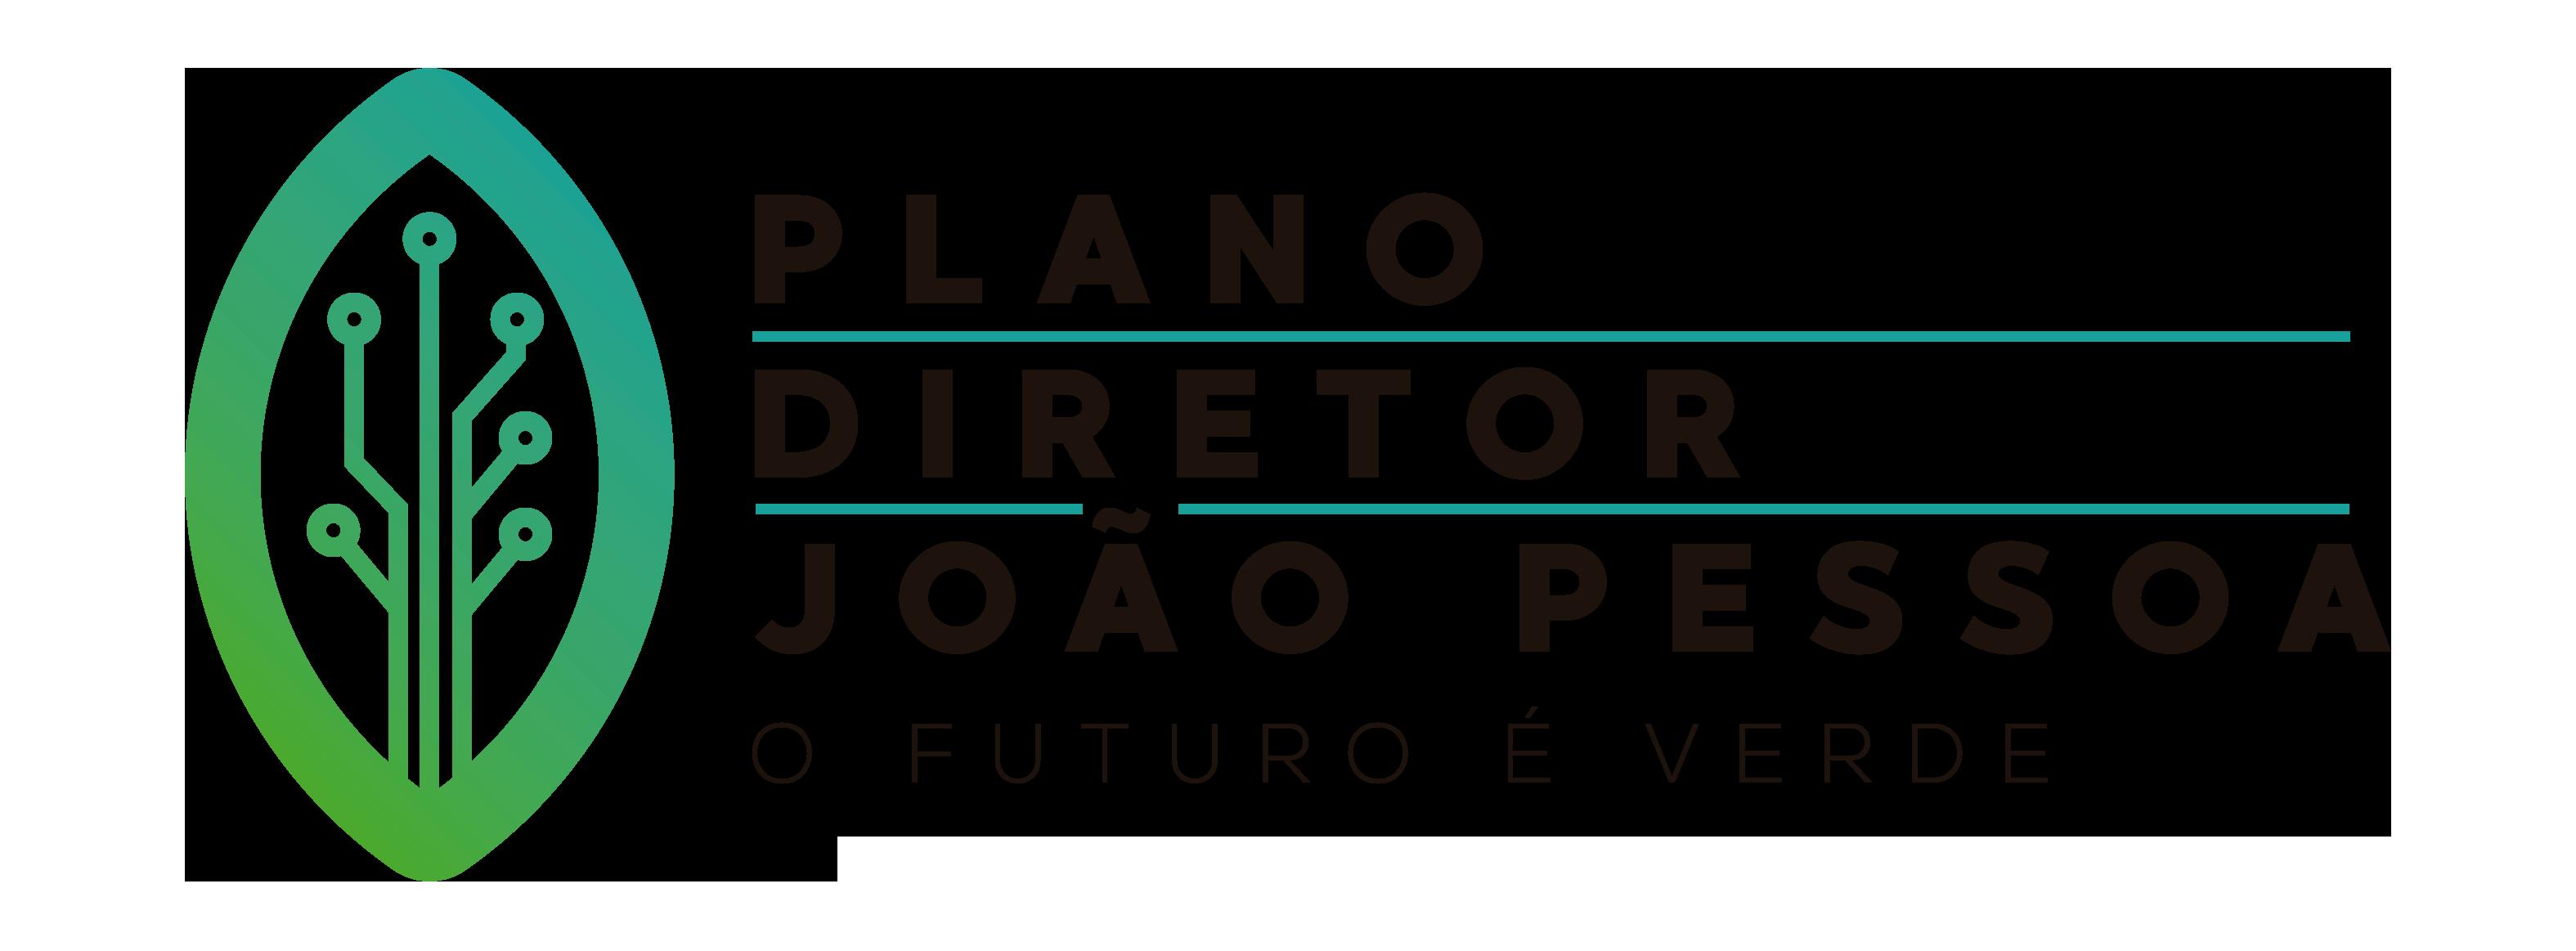 Logomarca da revisão do Plano Diretor de João Pessoa